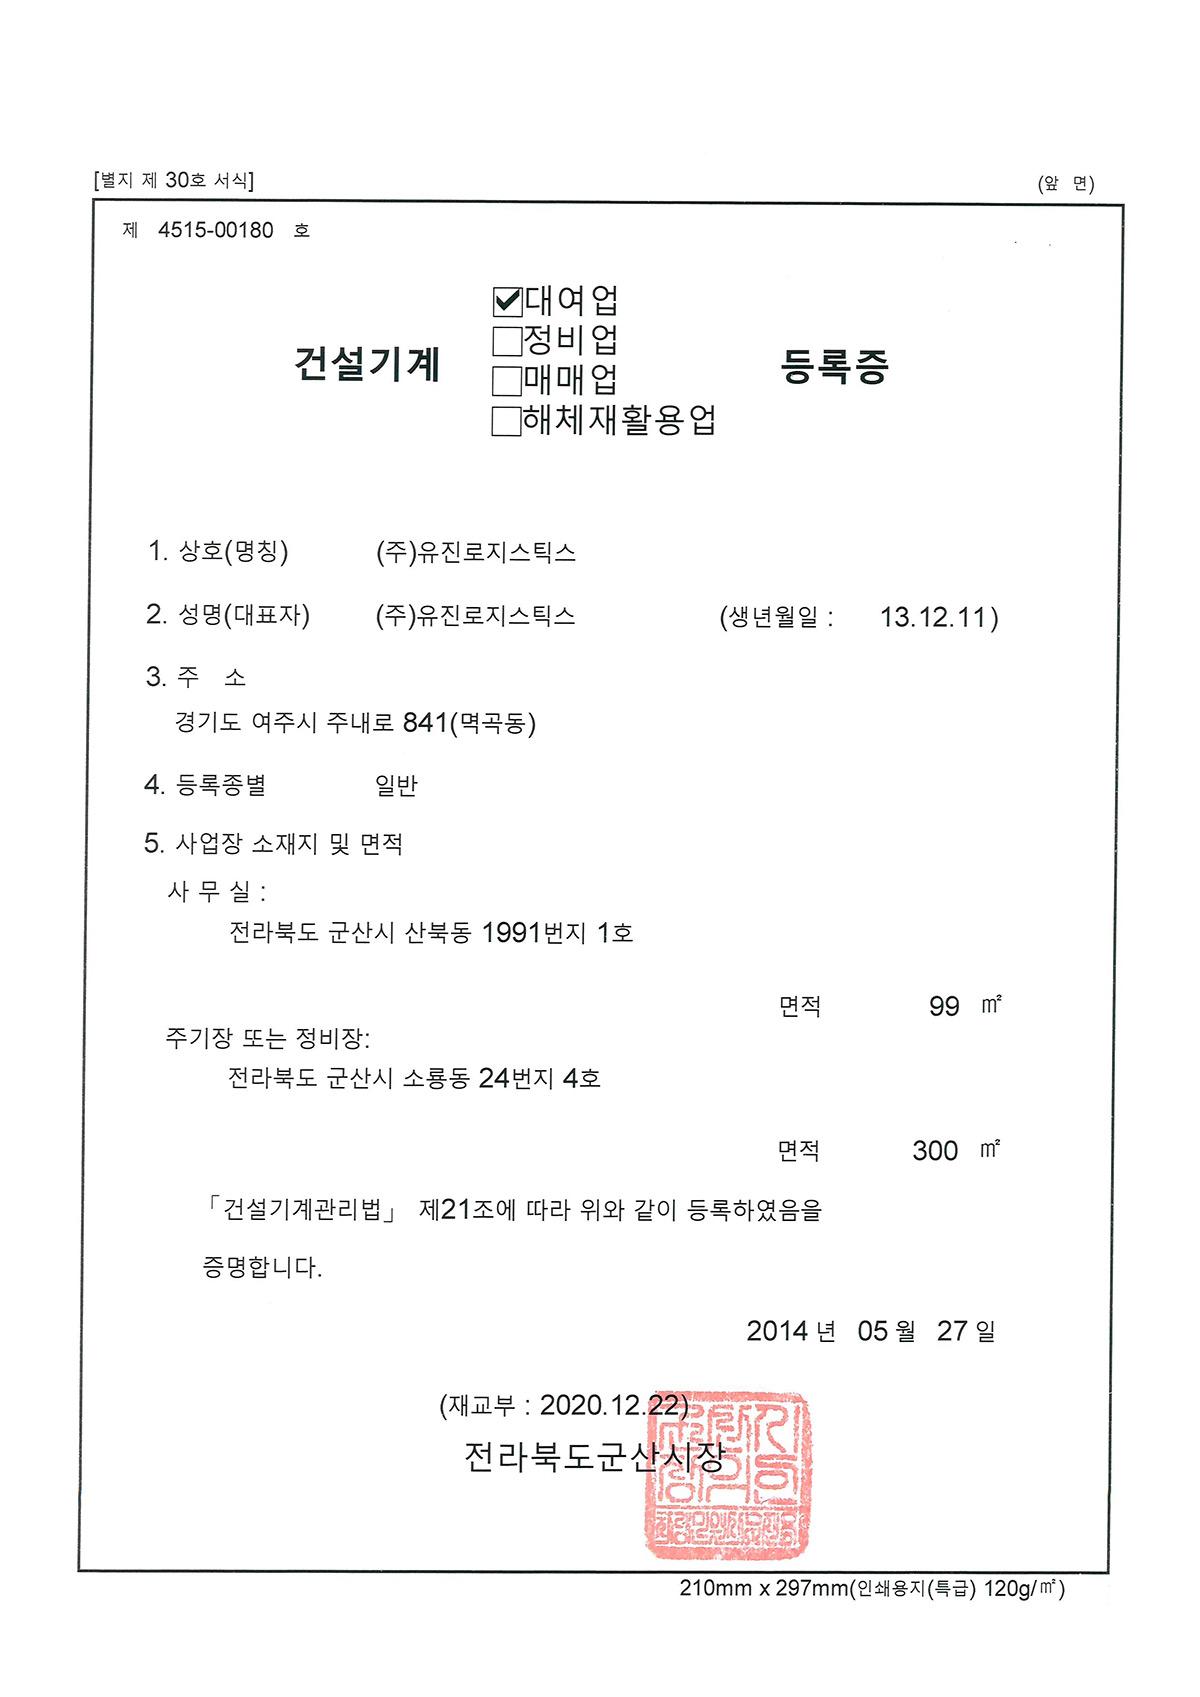 01_유진로지스틱스_건설기계대여업_(군산)